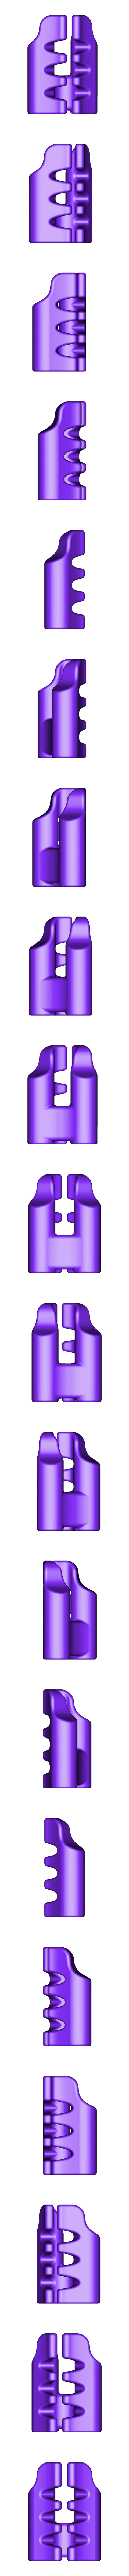 D90c4bea e9fb 4dce 91b0 f20ba942c35f